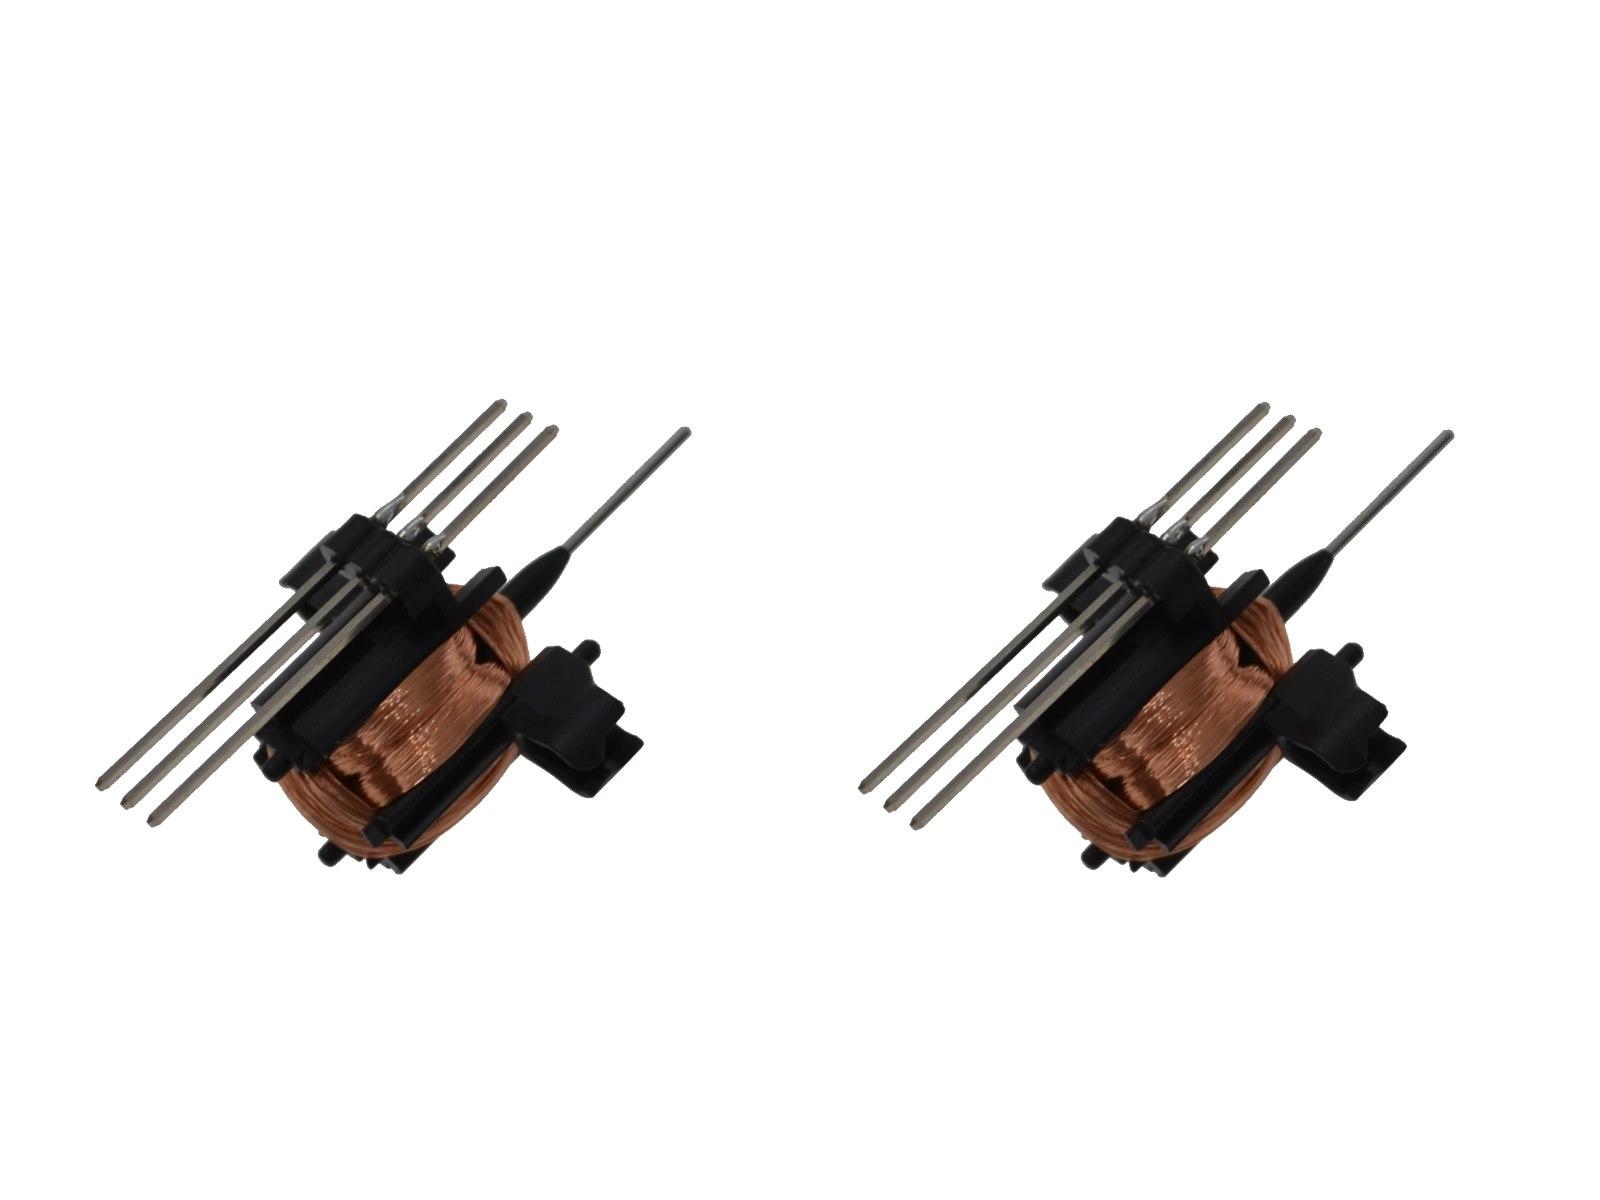 2x Schrittmotor für Audi A3/8L TT/8N Kombiinstrument/Tankanzeige/Temperaturanzeige etc